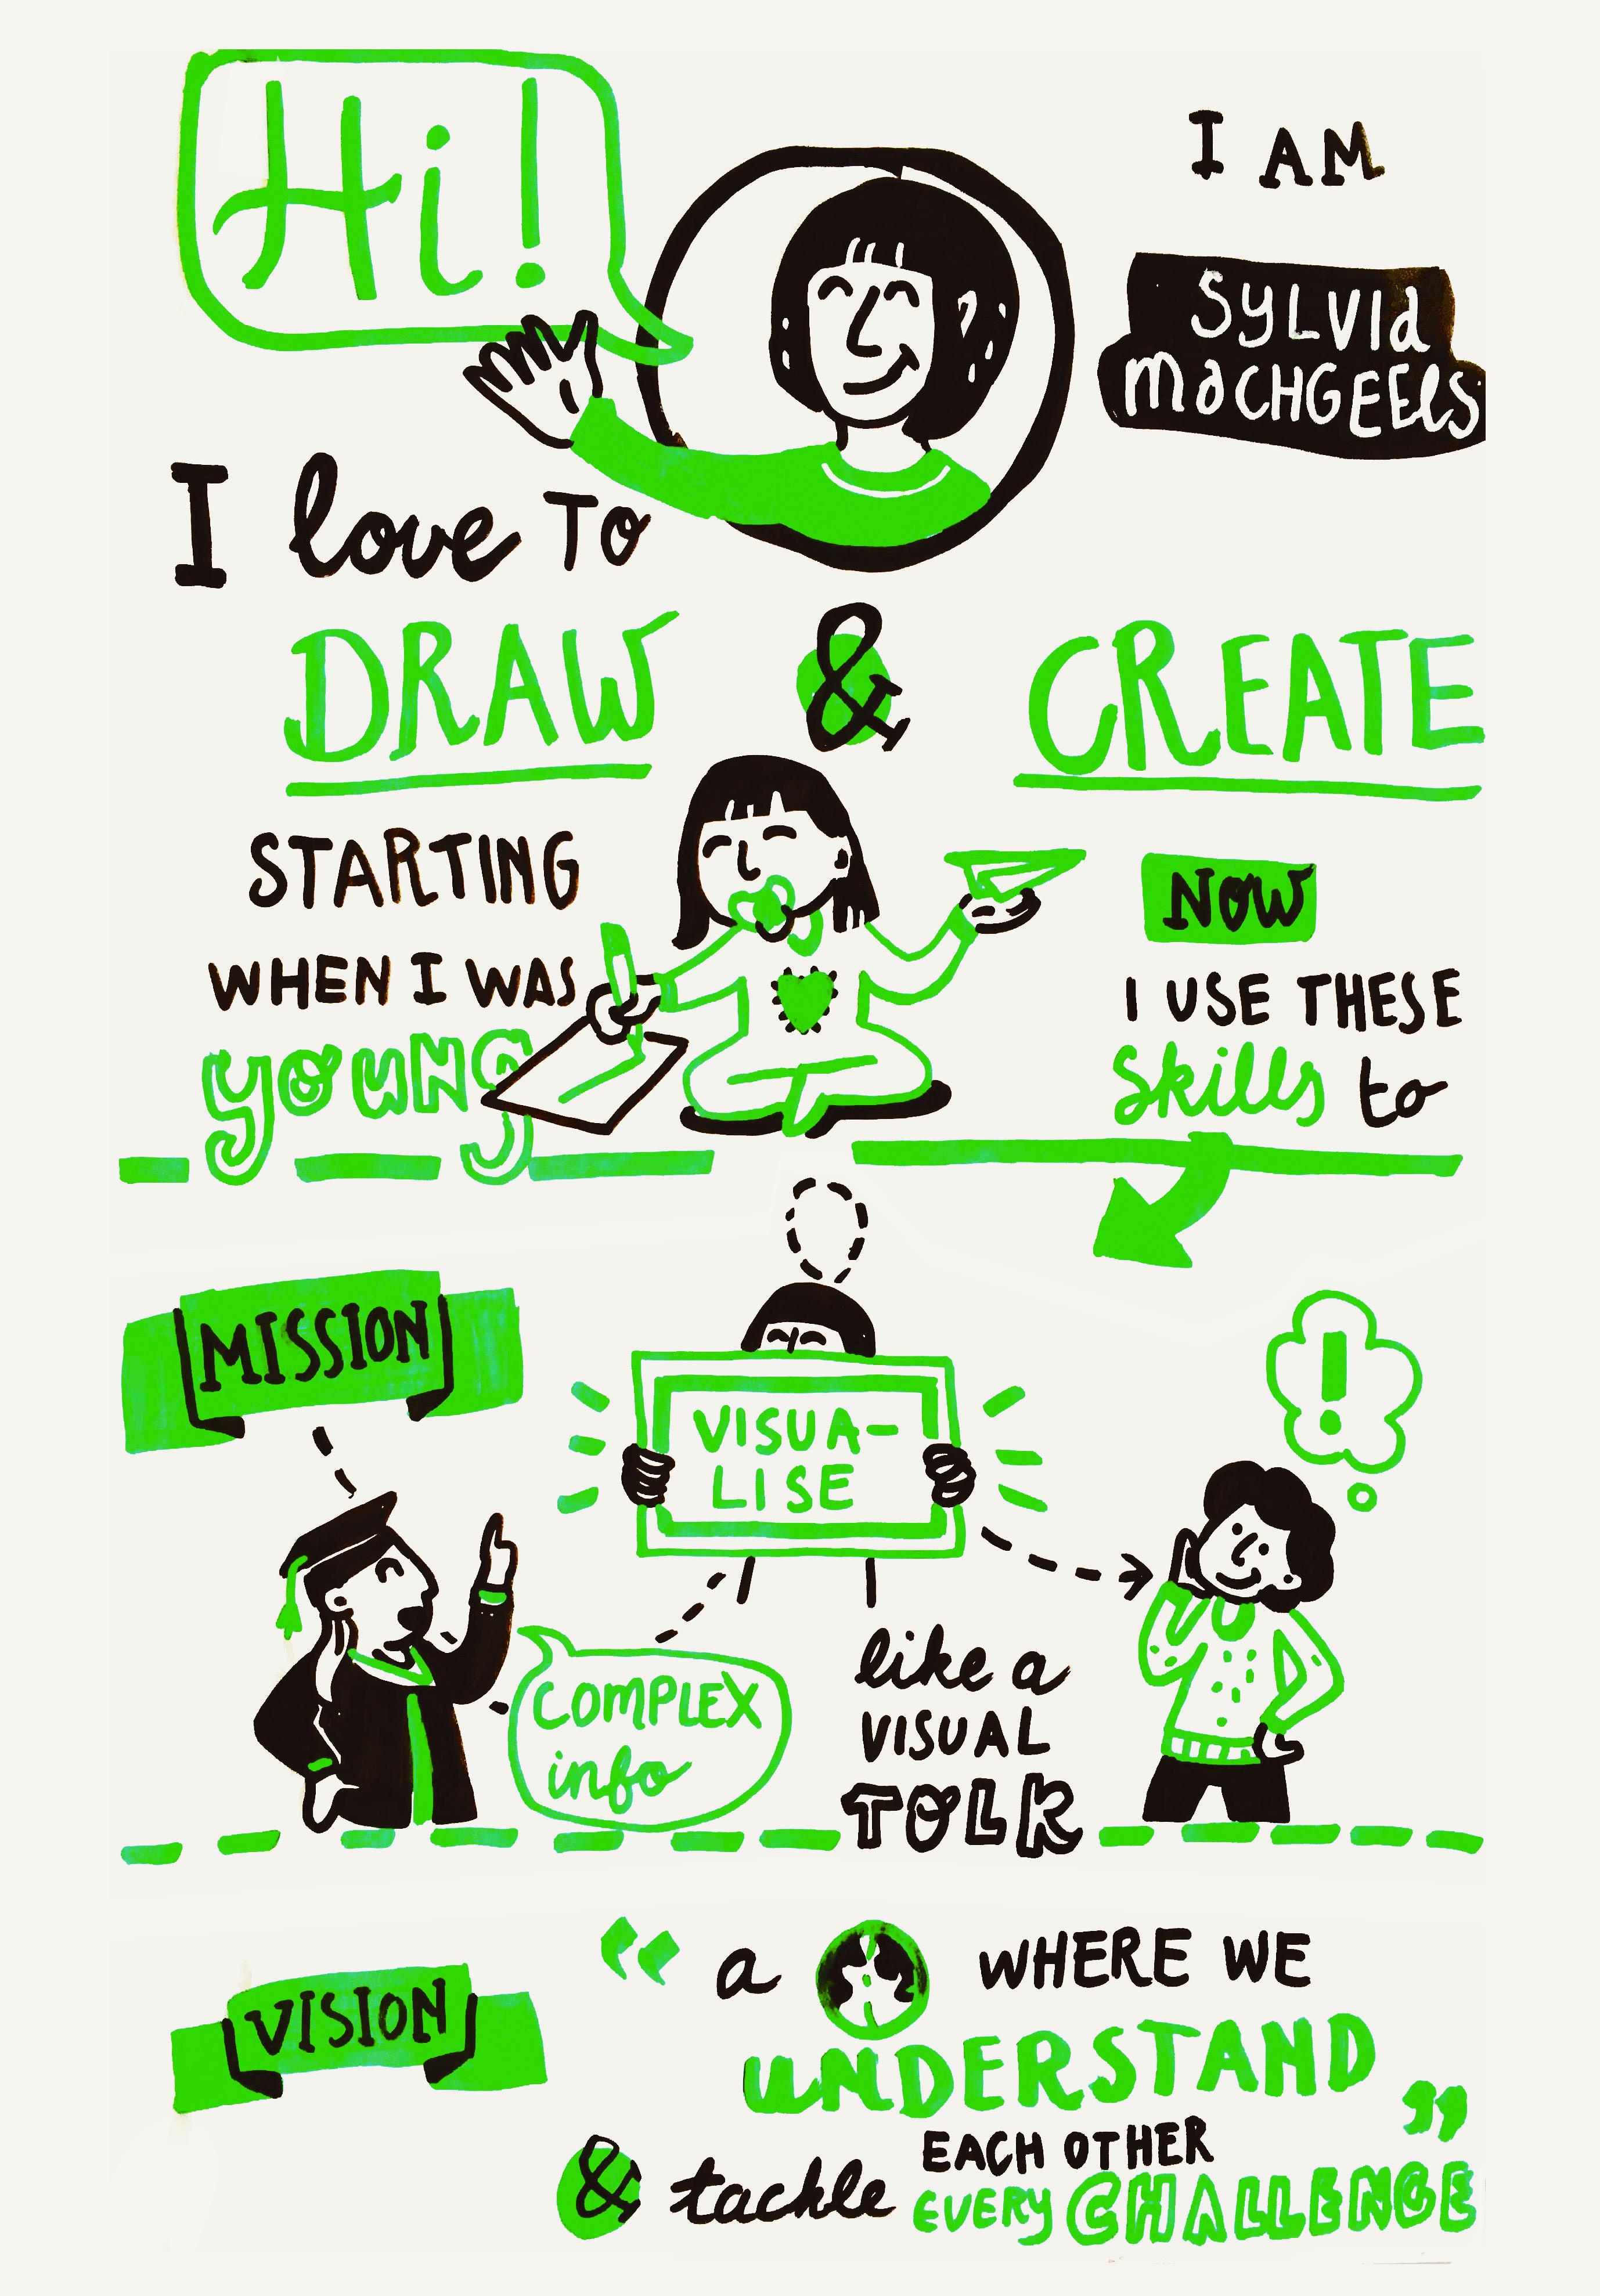 Sylvia Machgeels: visual impact maker